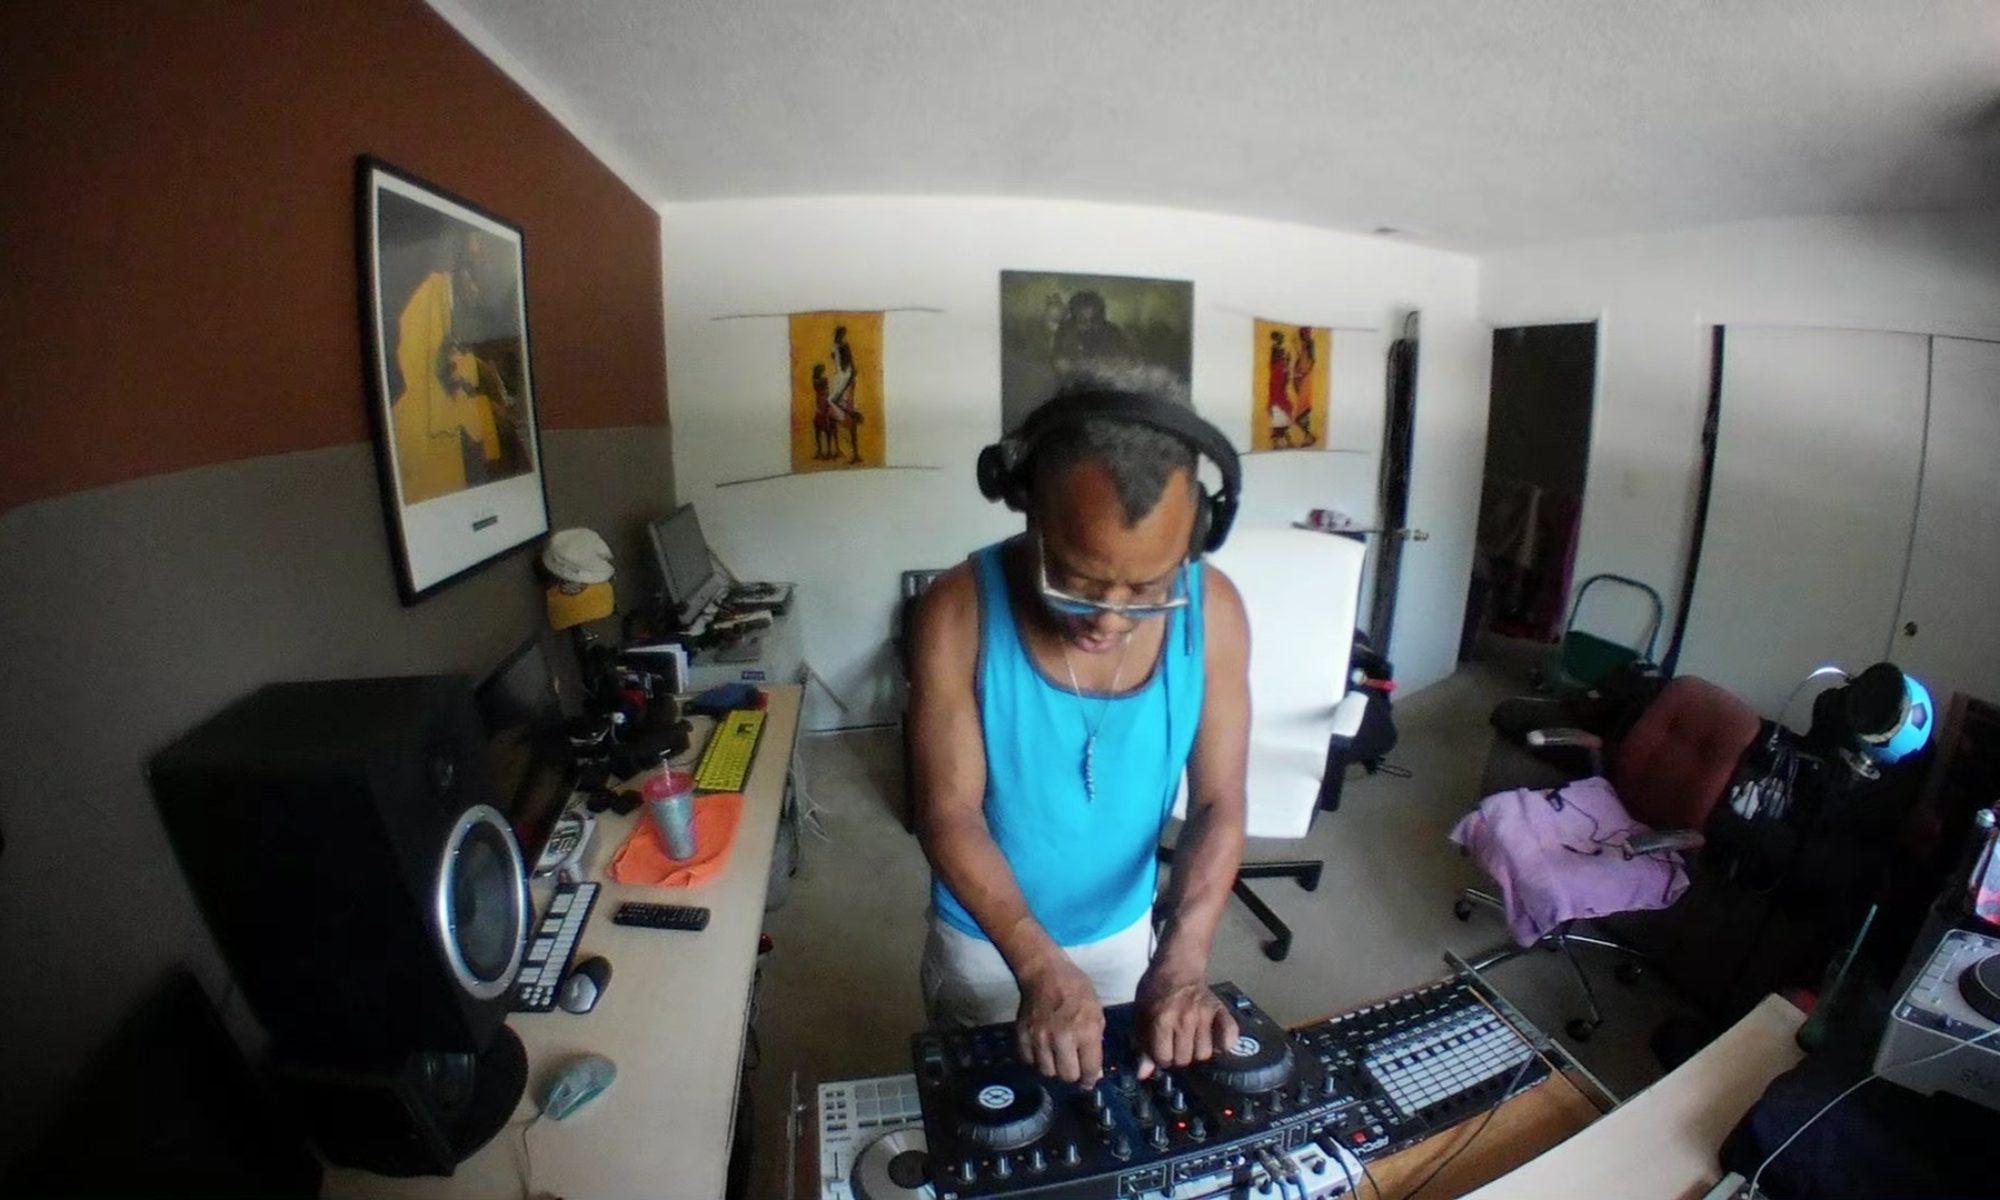 www.djwho.com